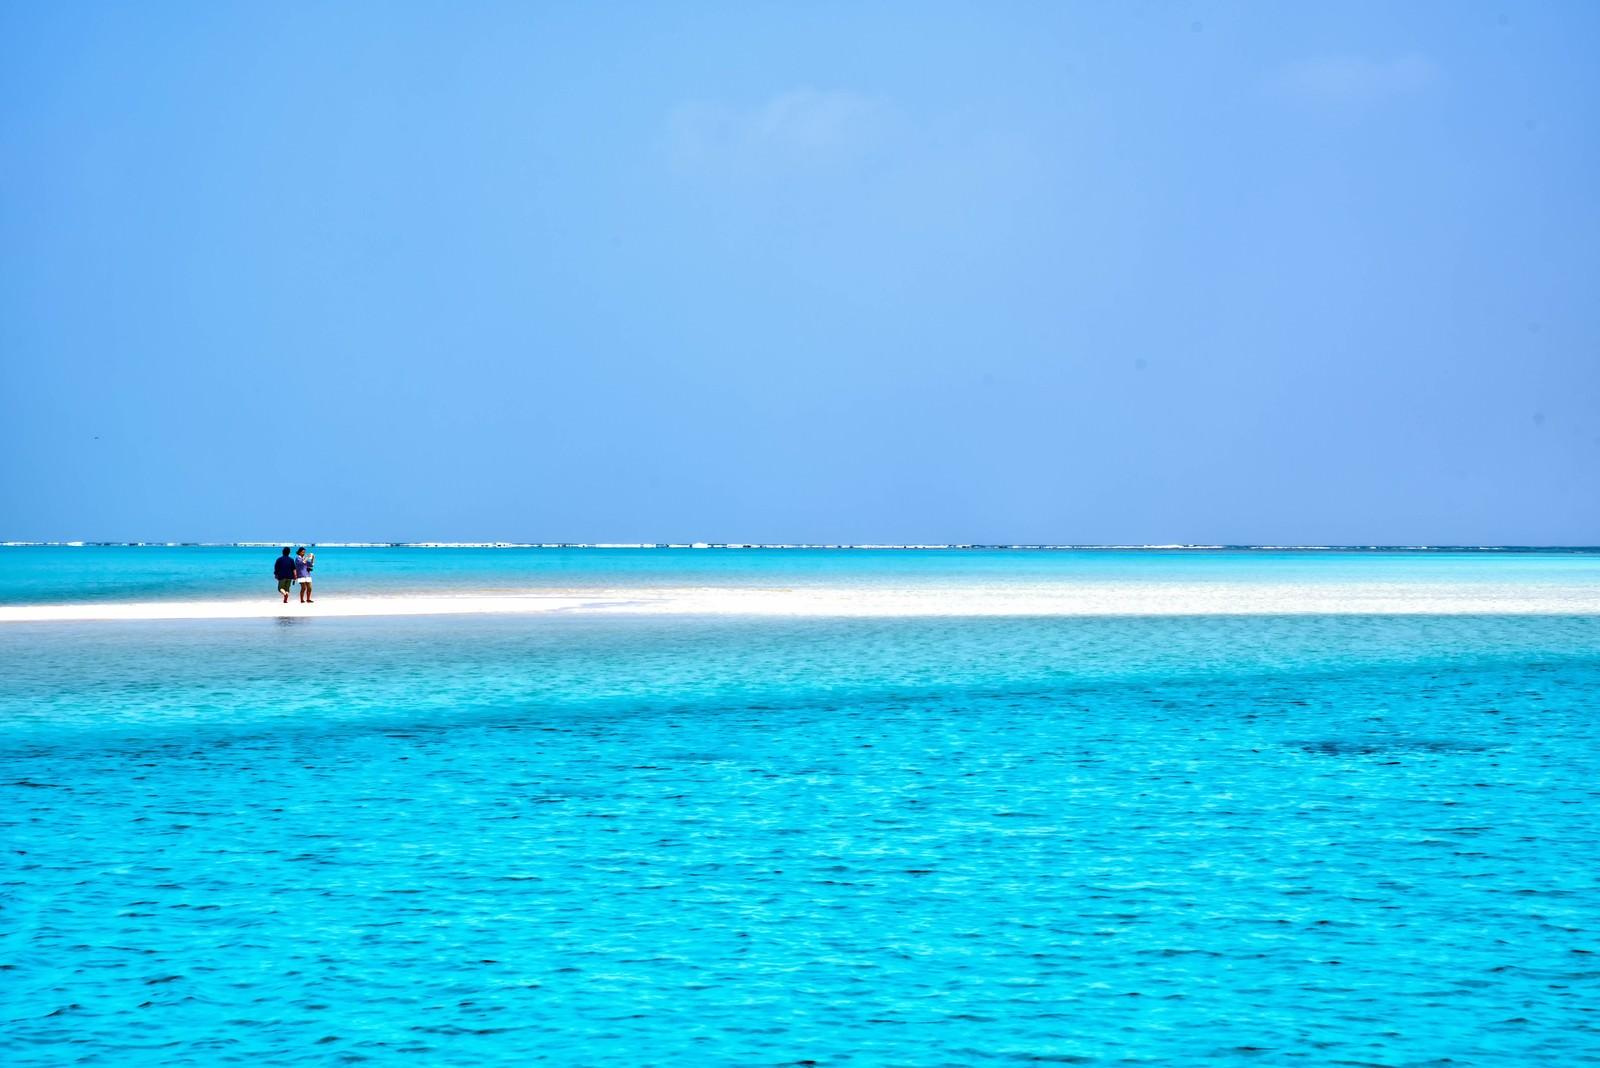 「百合ヶ浜に立つ観光客」の写真